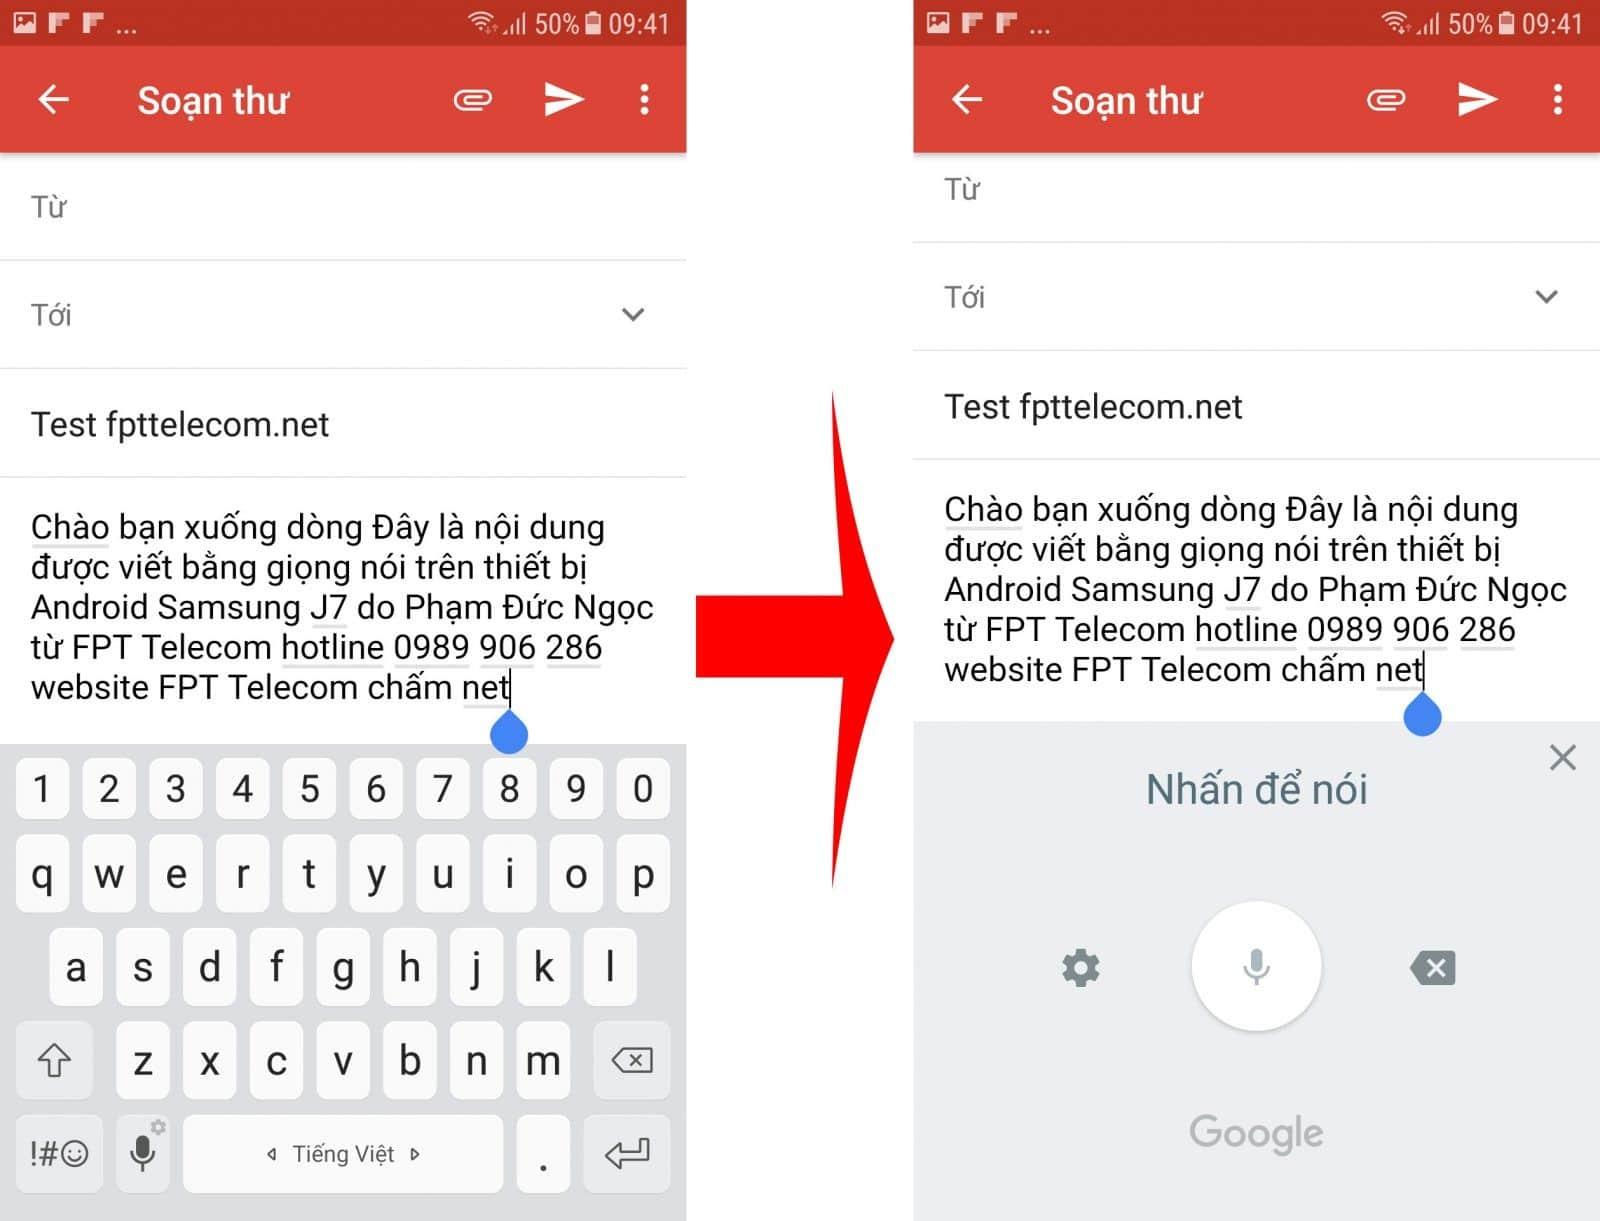 Bật đọc chính tả trên điện thoại Android